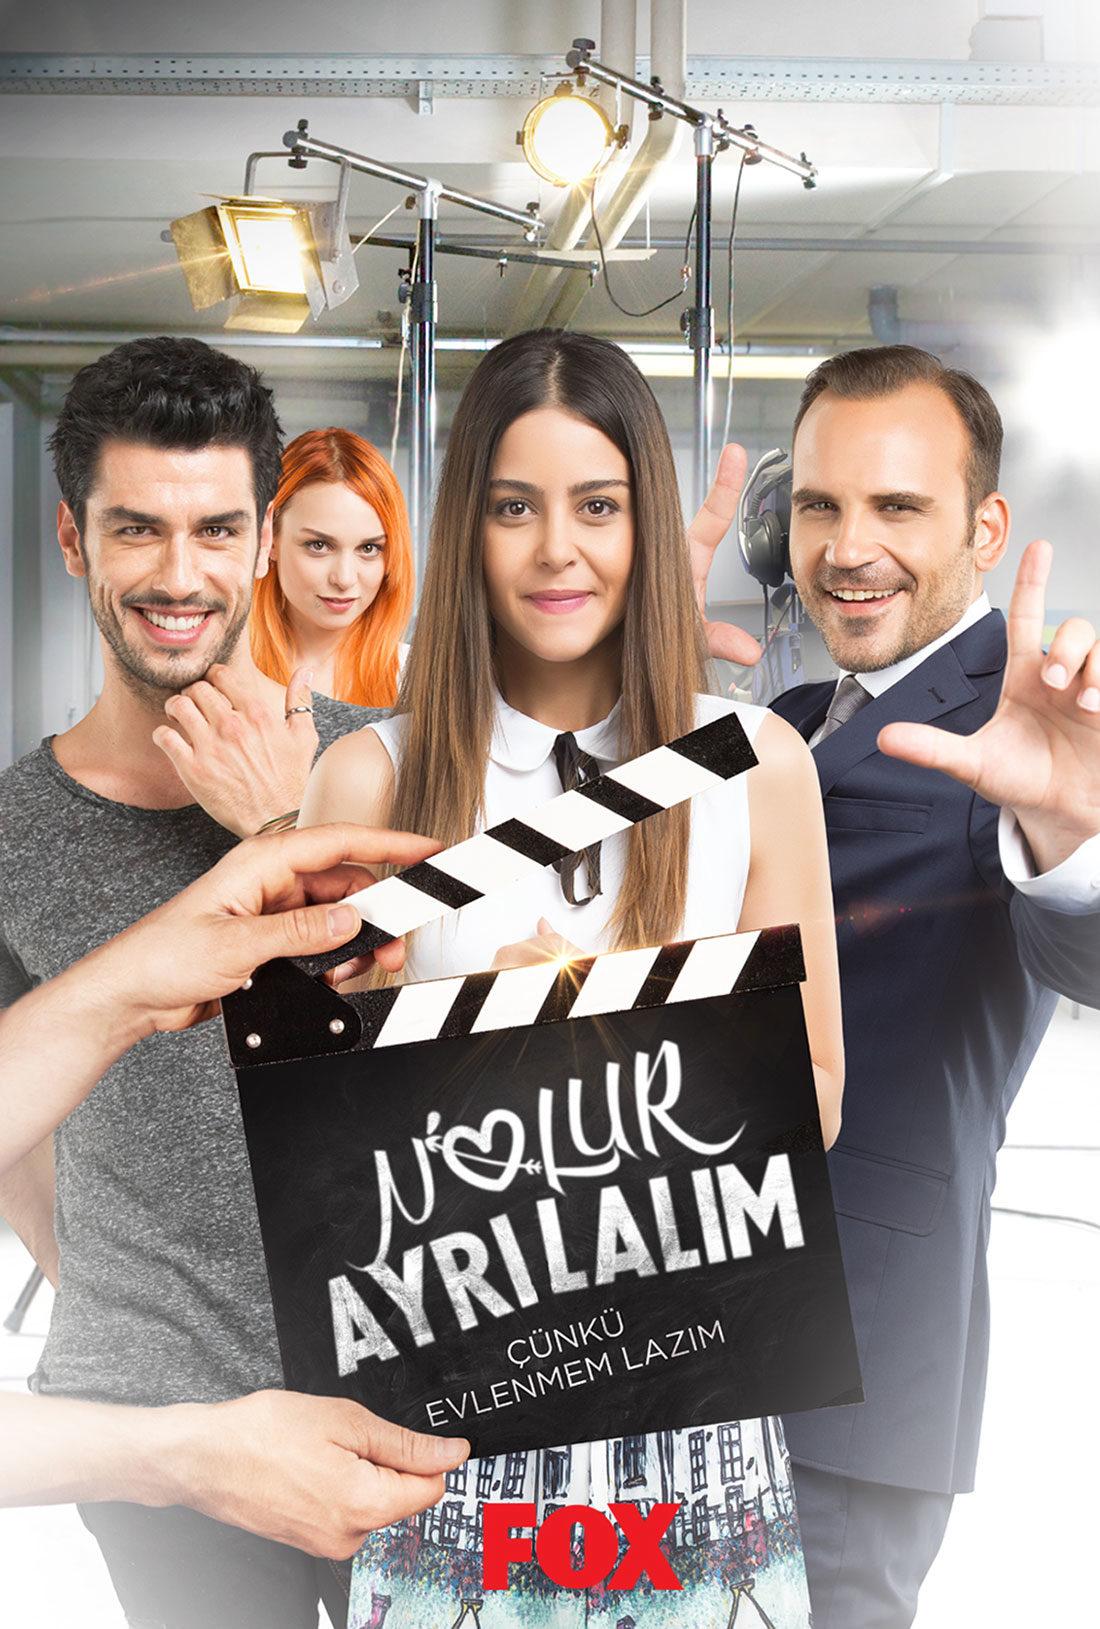 2016 ح1 مشاهدة المسلسل التركي أرجوك أن نفترق الجزء الأول الحلقة 1 أونلاين. مسلسل لنفترق الموسم الأول مترجم. مسلسل تركي لنفترق